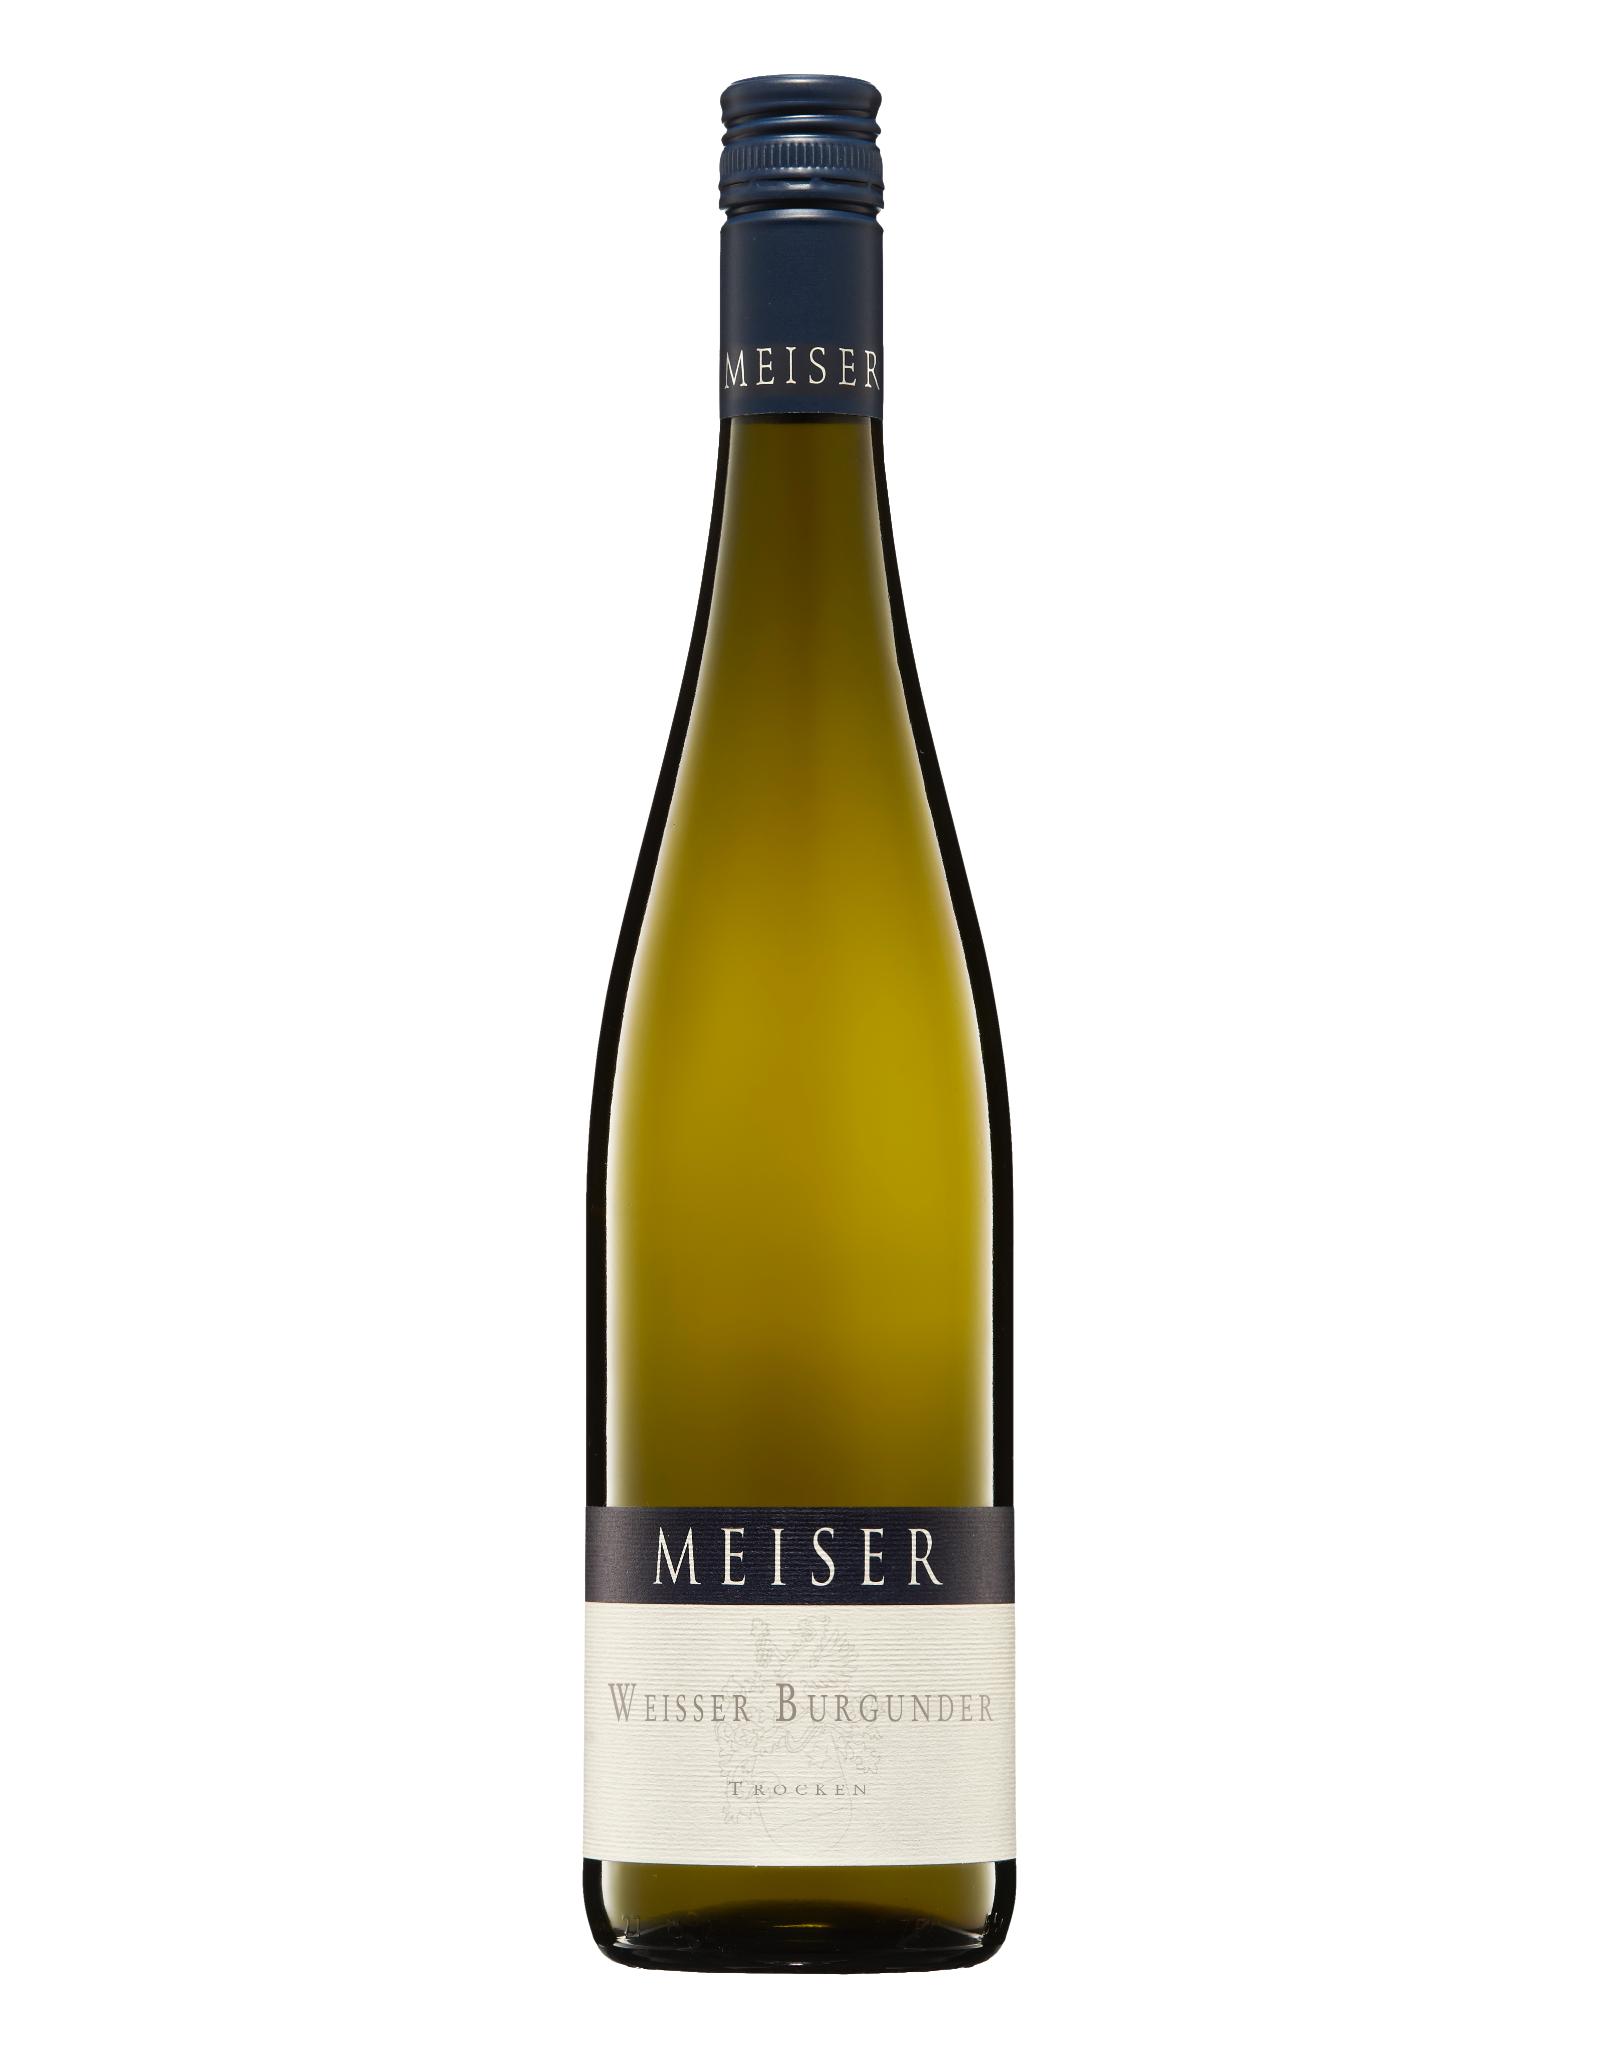 Weingut Meiser Meiser Weisser Burgunder Trocken 2019